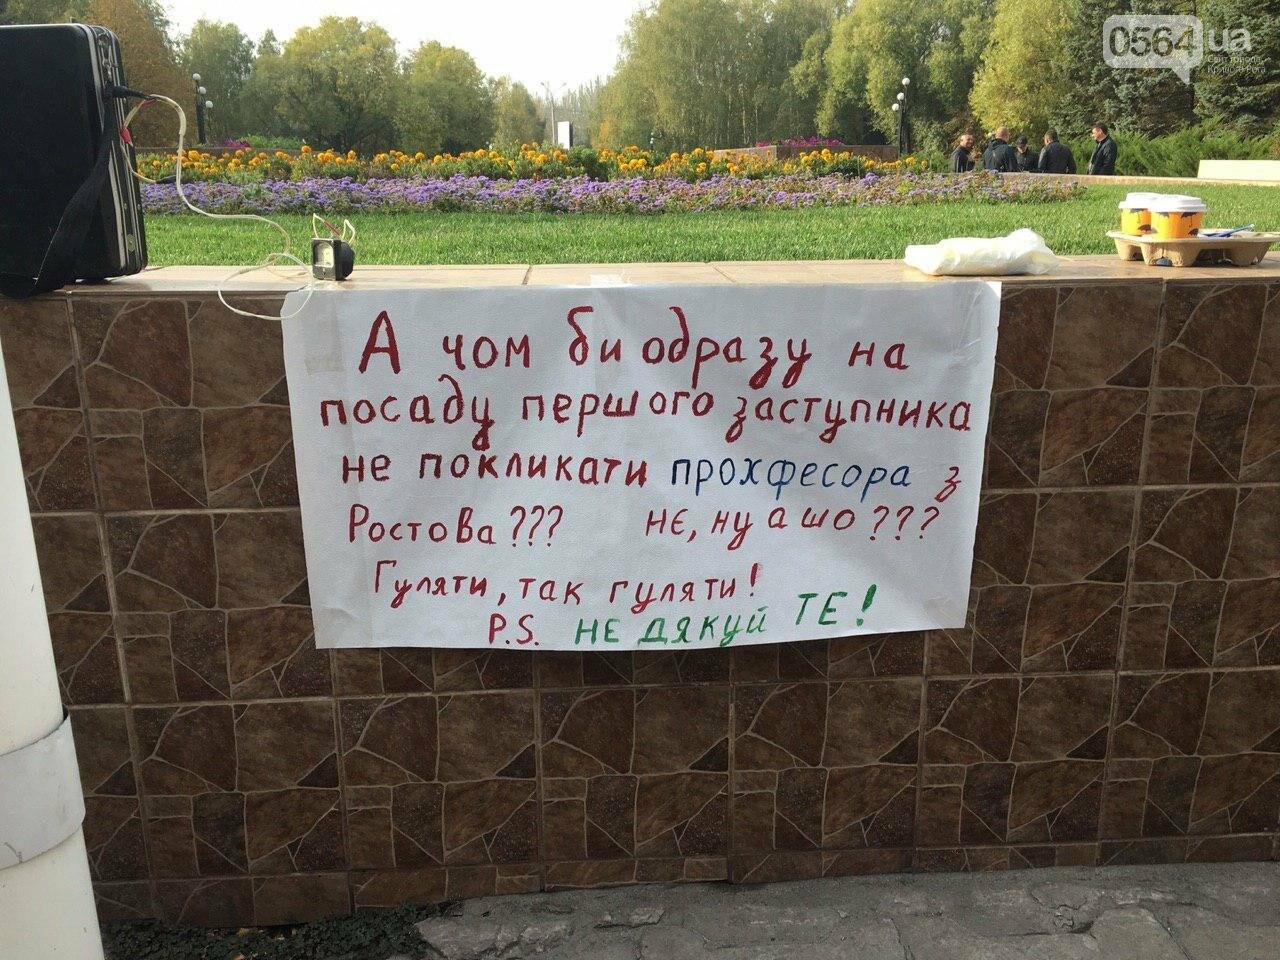 Криворожские активисты вместо Павлова на должность заместителя мэра Кривого Рога предложили Януковича, - ФОТО, ВИДЕО, фото-1